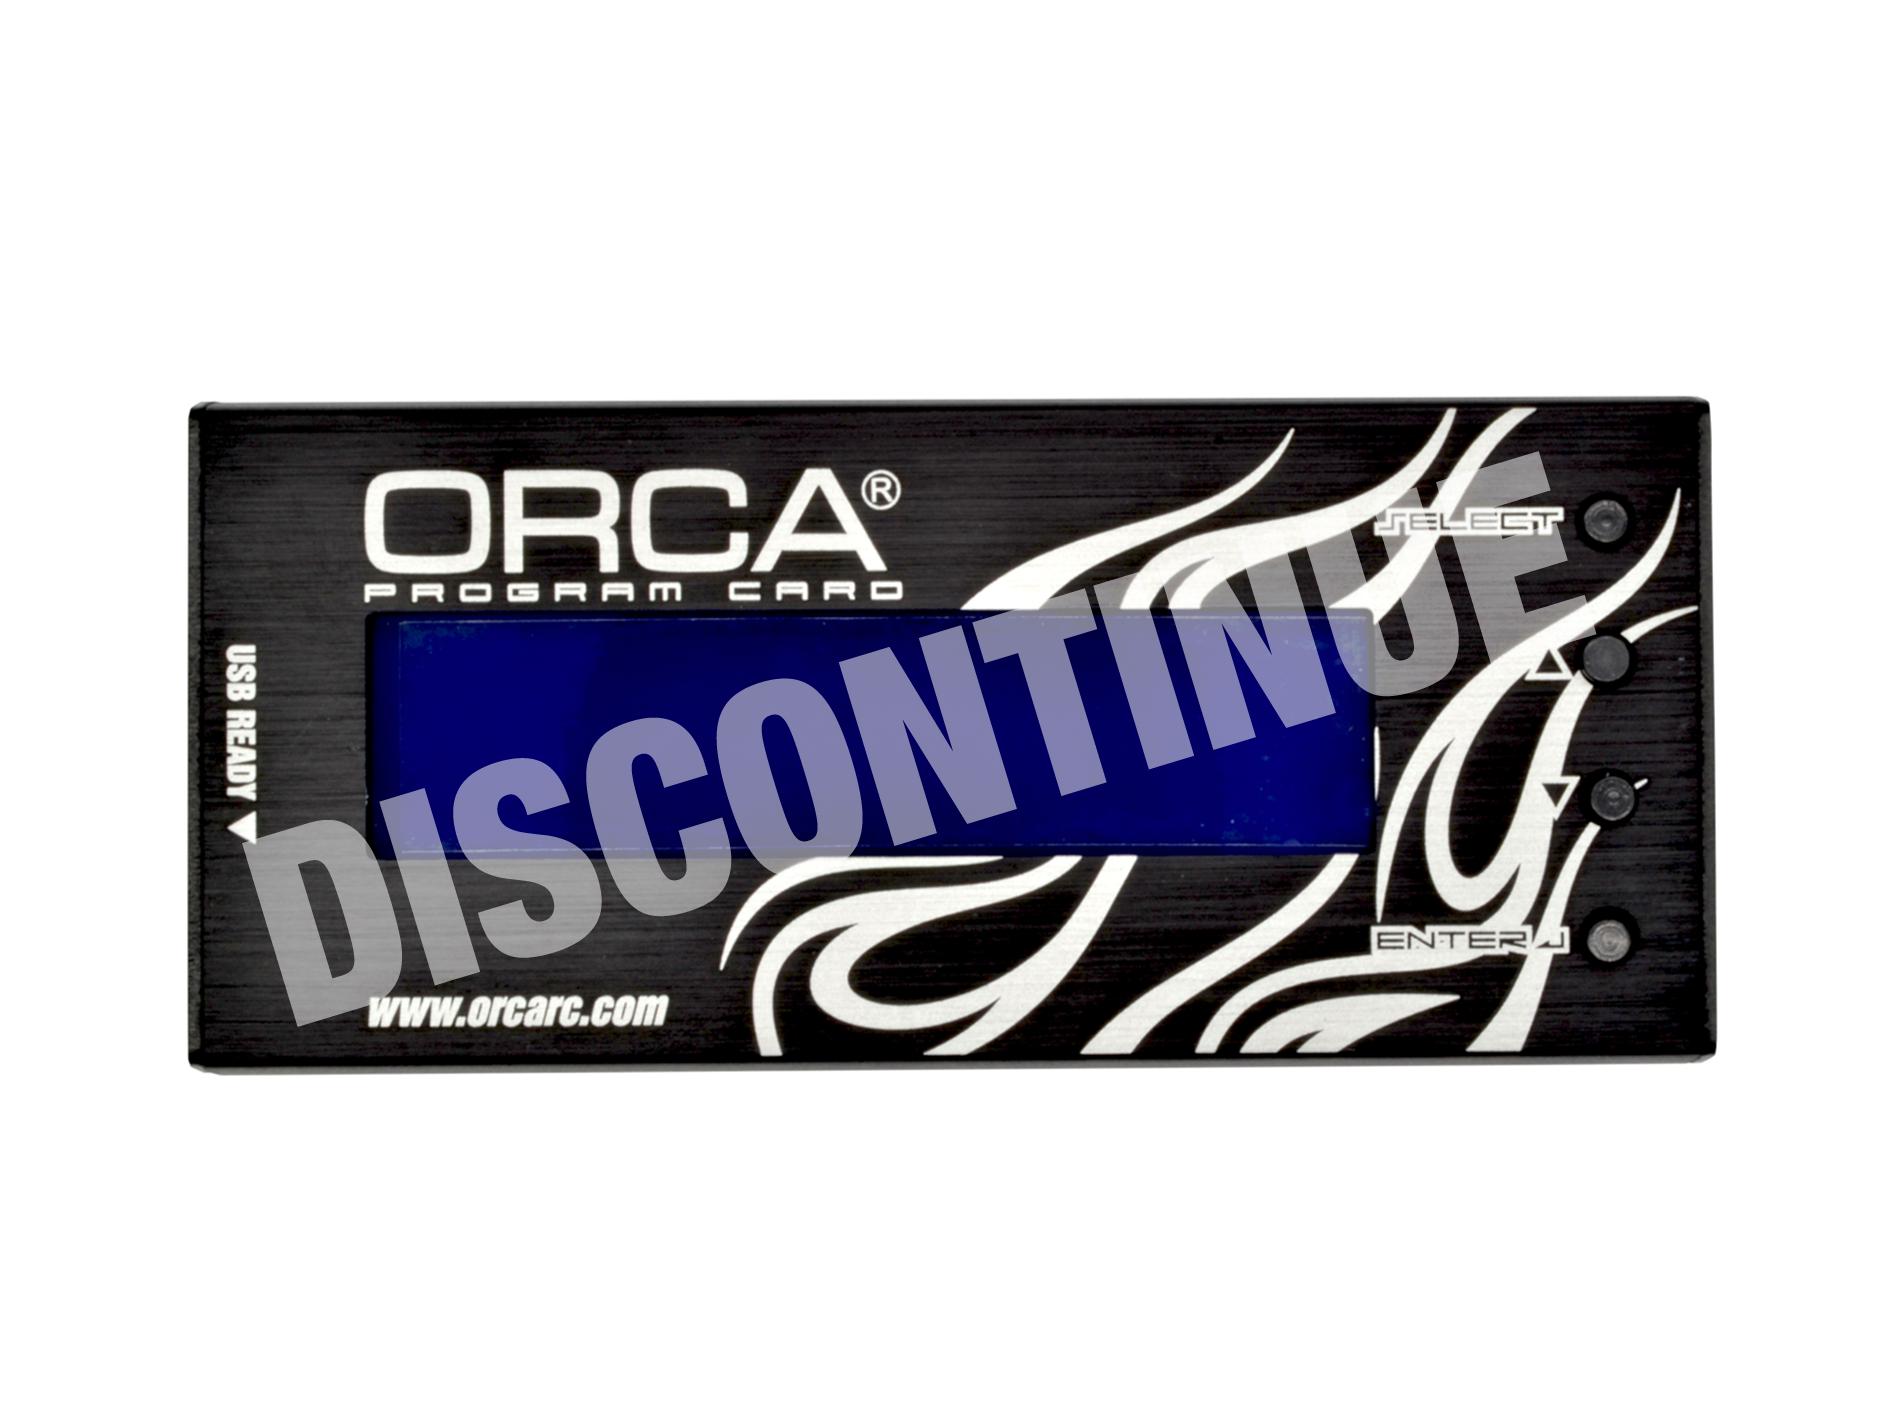 ORCA Program Card